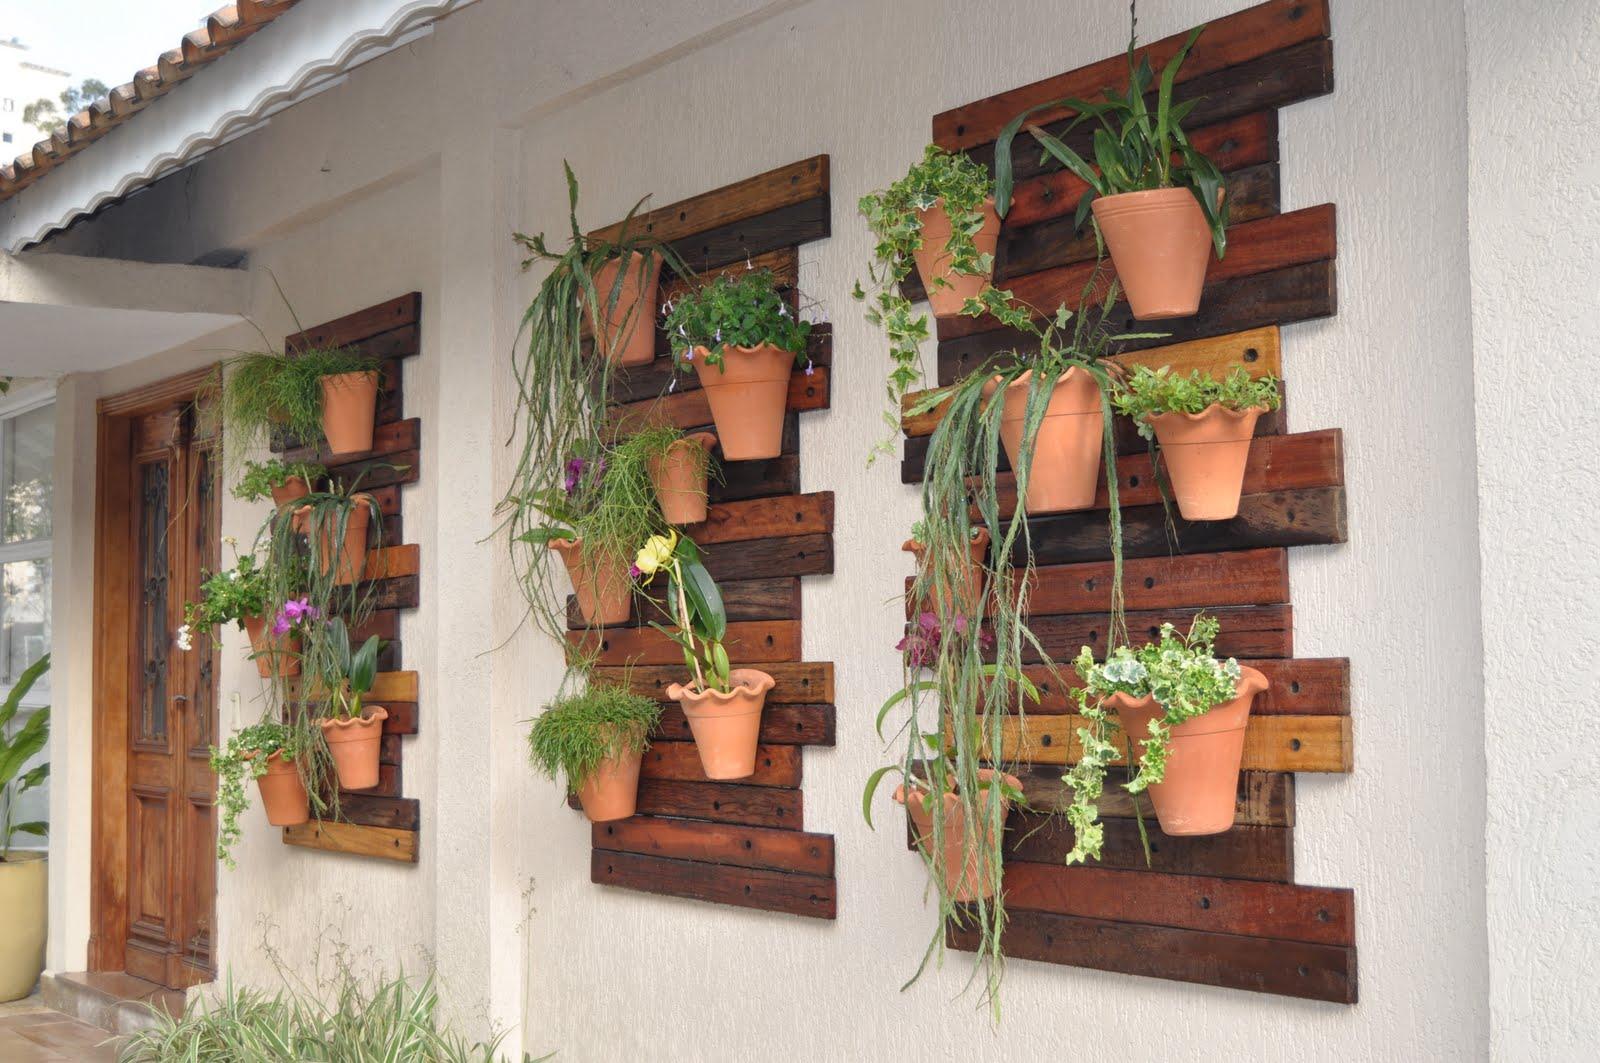 inspiração e diversão: jardim vertical #935C38 1600x1063 Banheiro Com Jardim Vertical